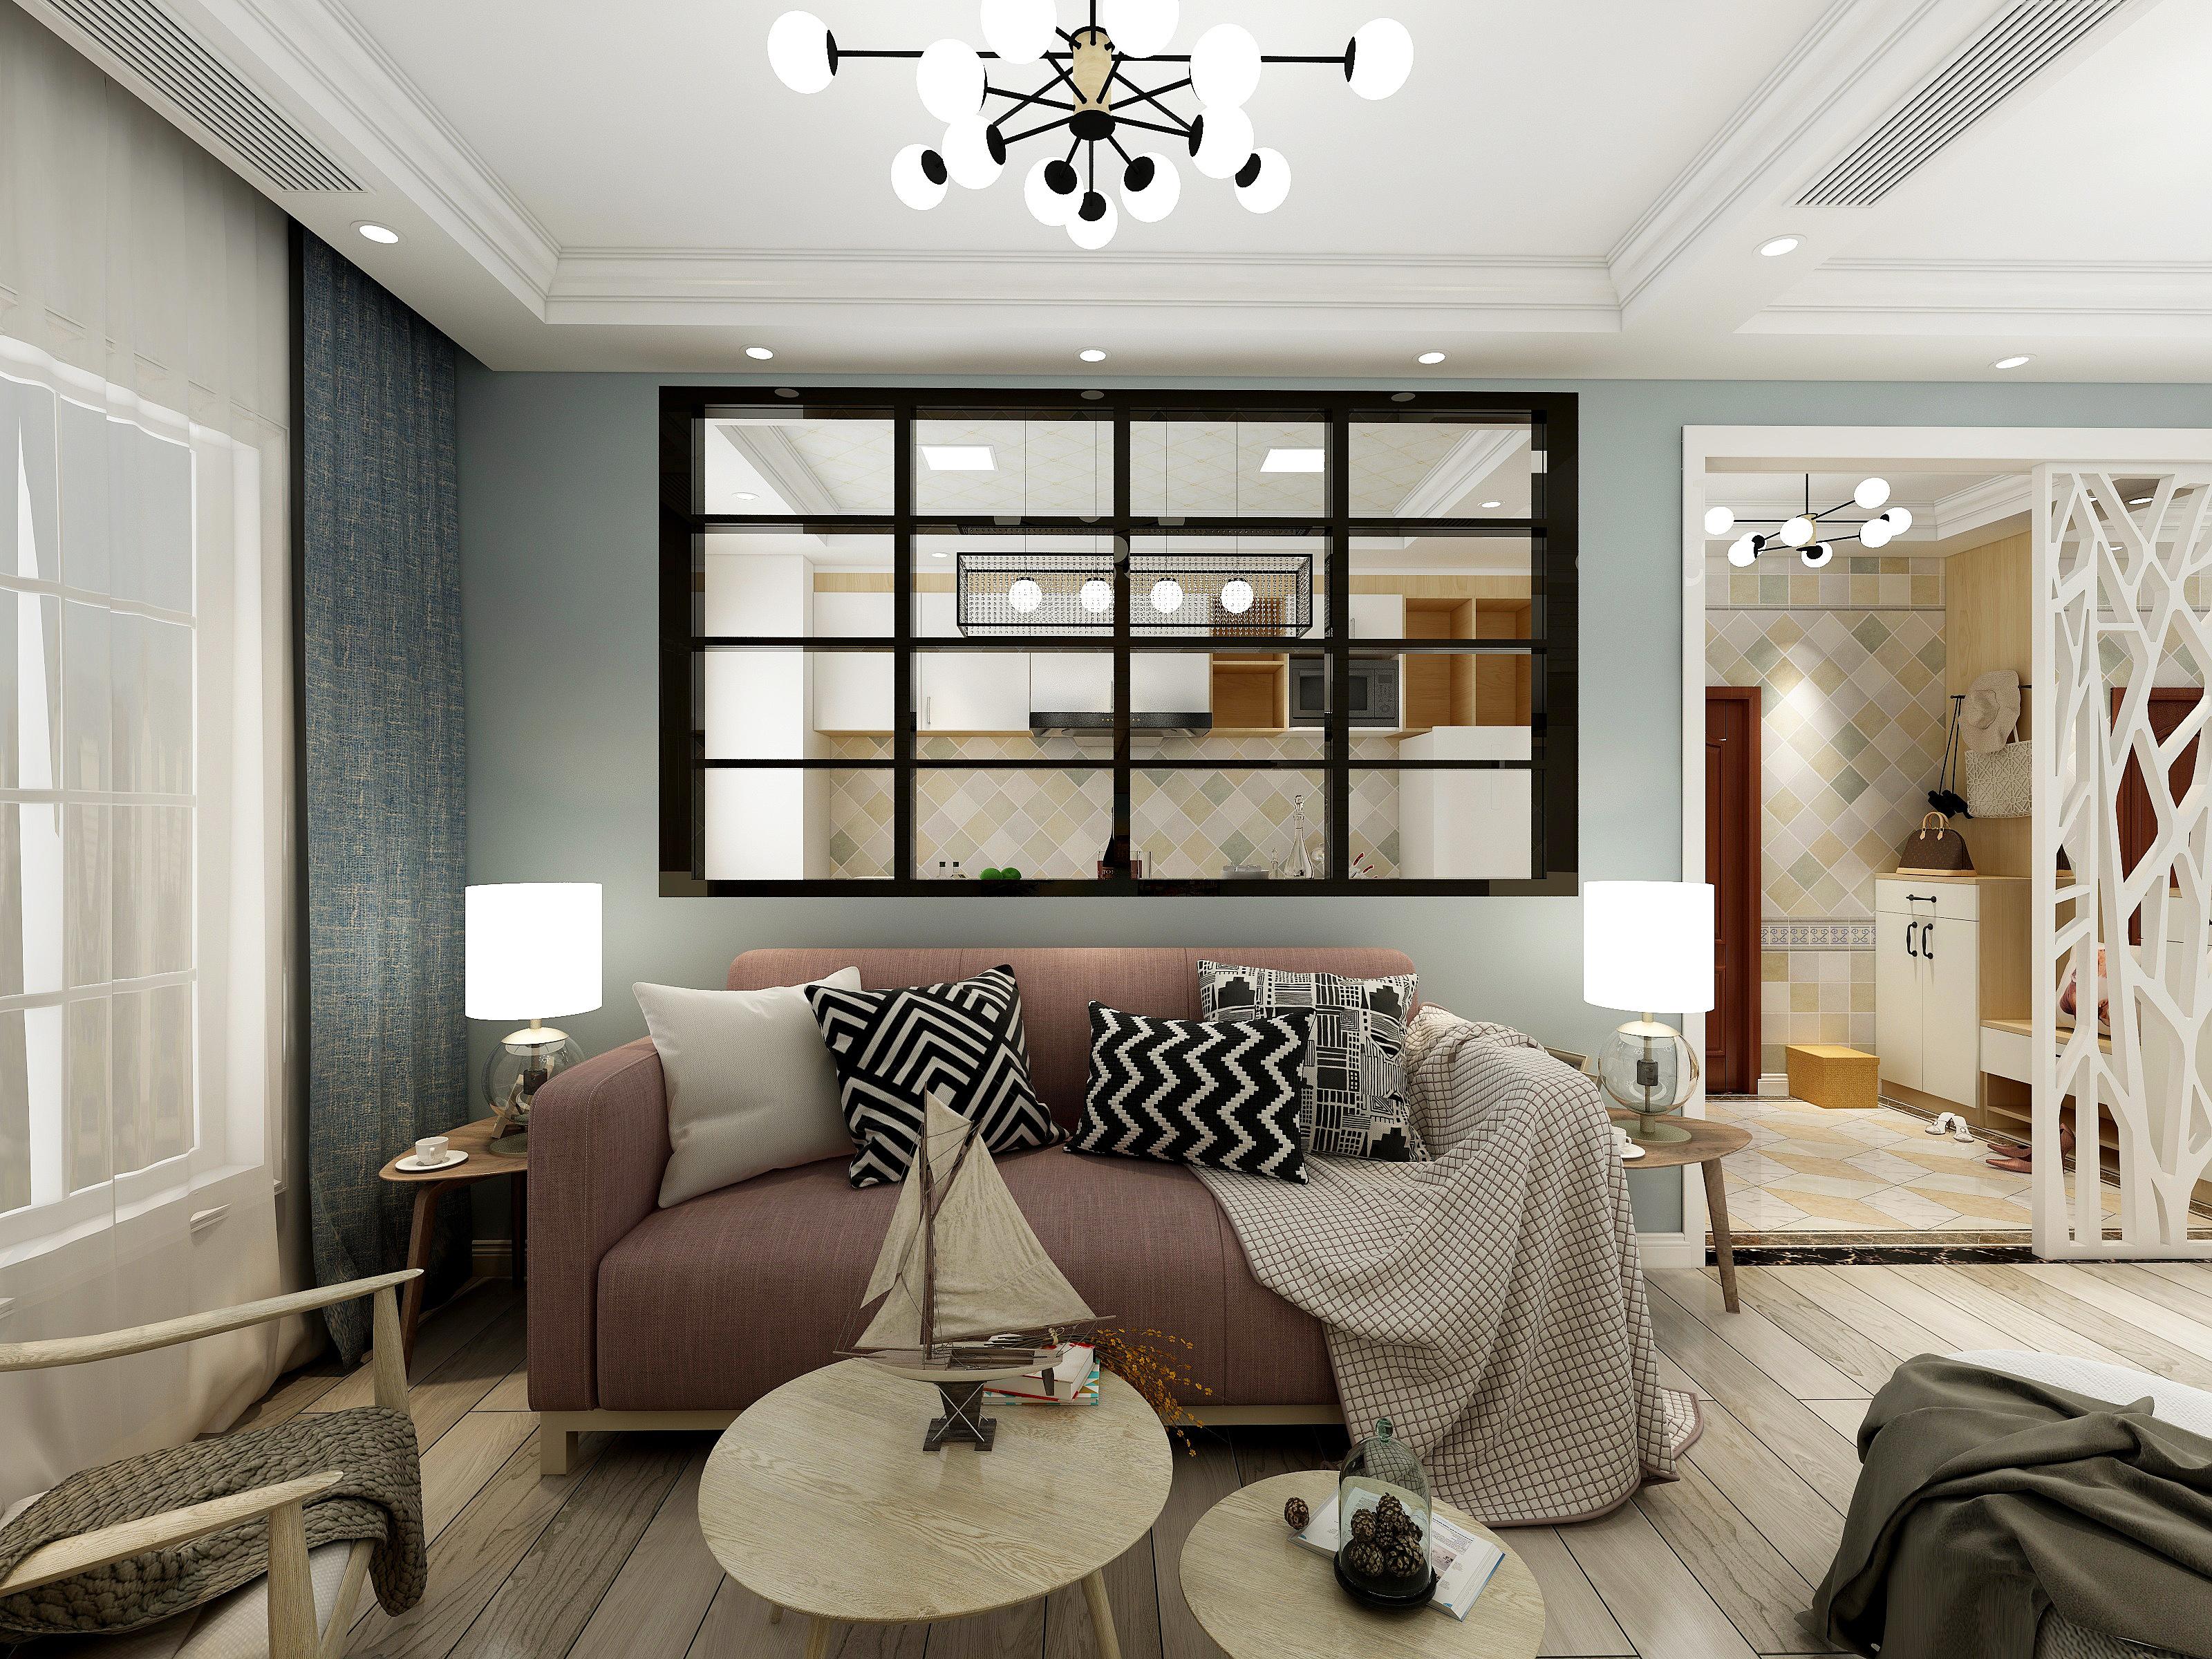 65㎡北欧风格沙发背景墙装修效果图